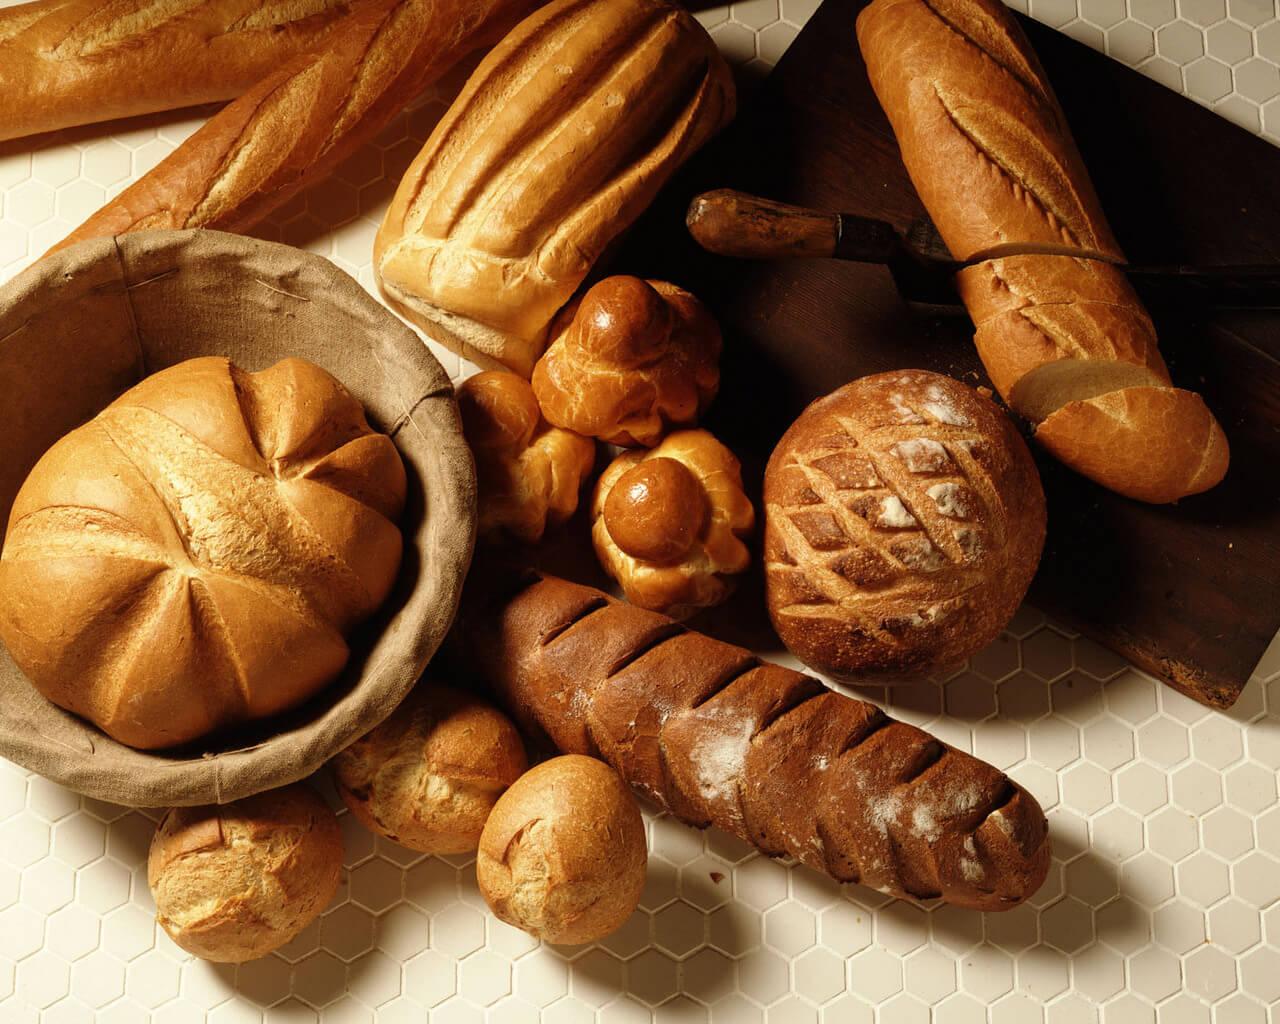 Зерновые продукты, содержащие тестостерон